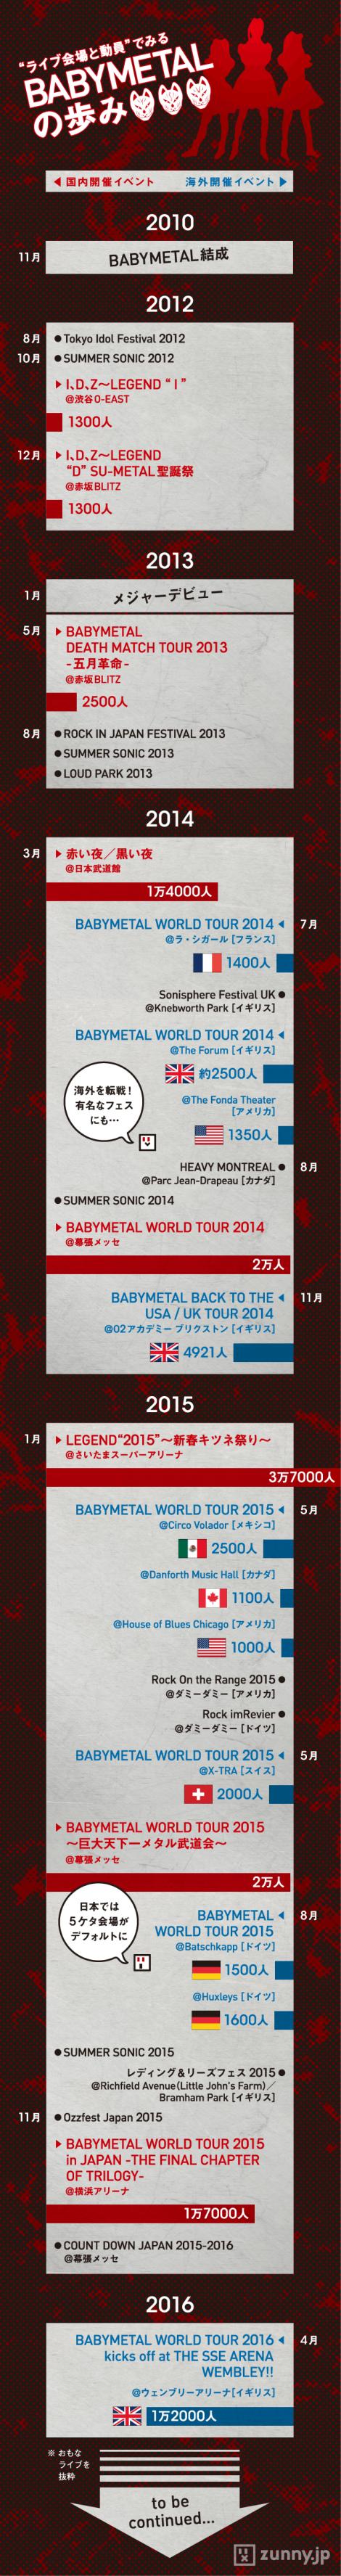 インフォグラフィック:BABYMETALは世界のアイドル。年間総動因数は7万人越え